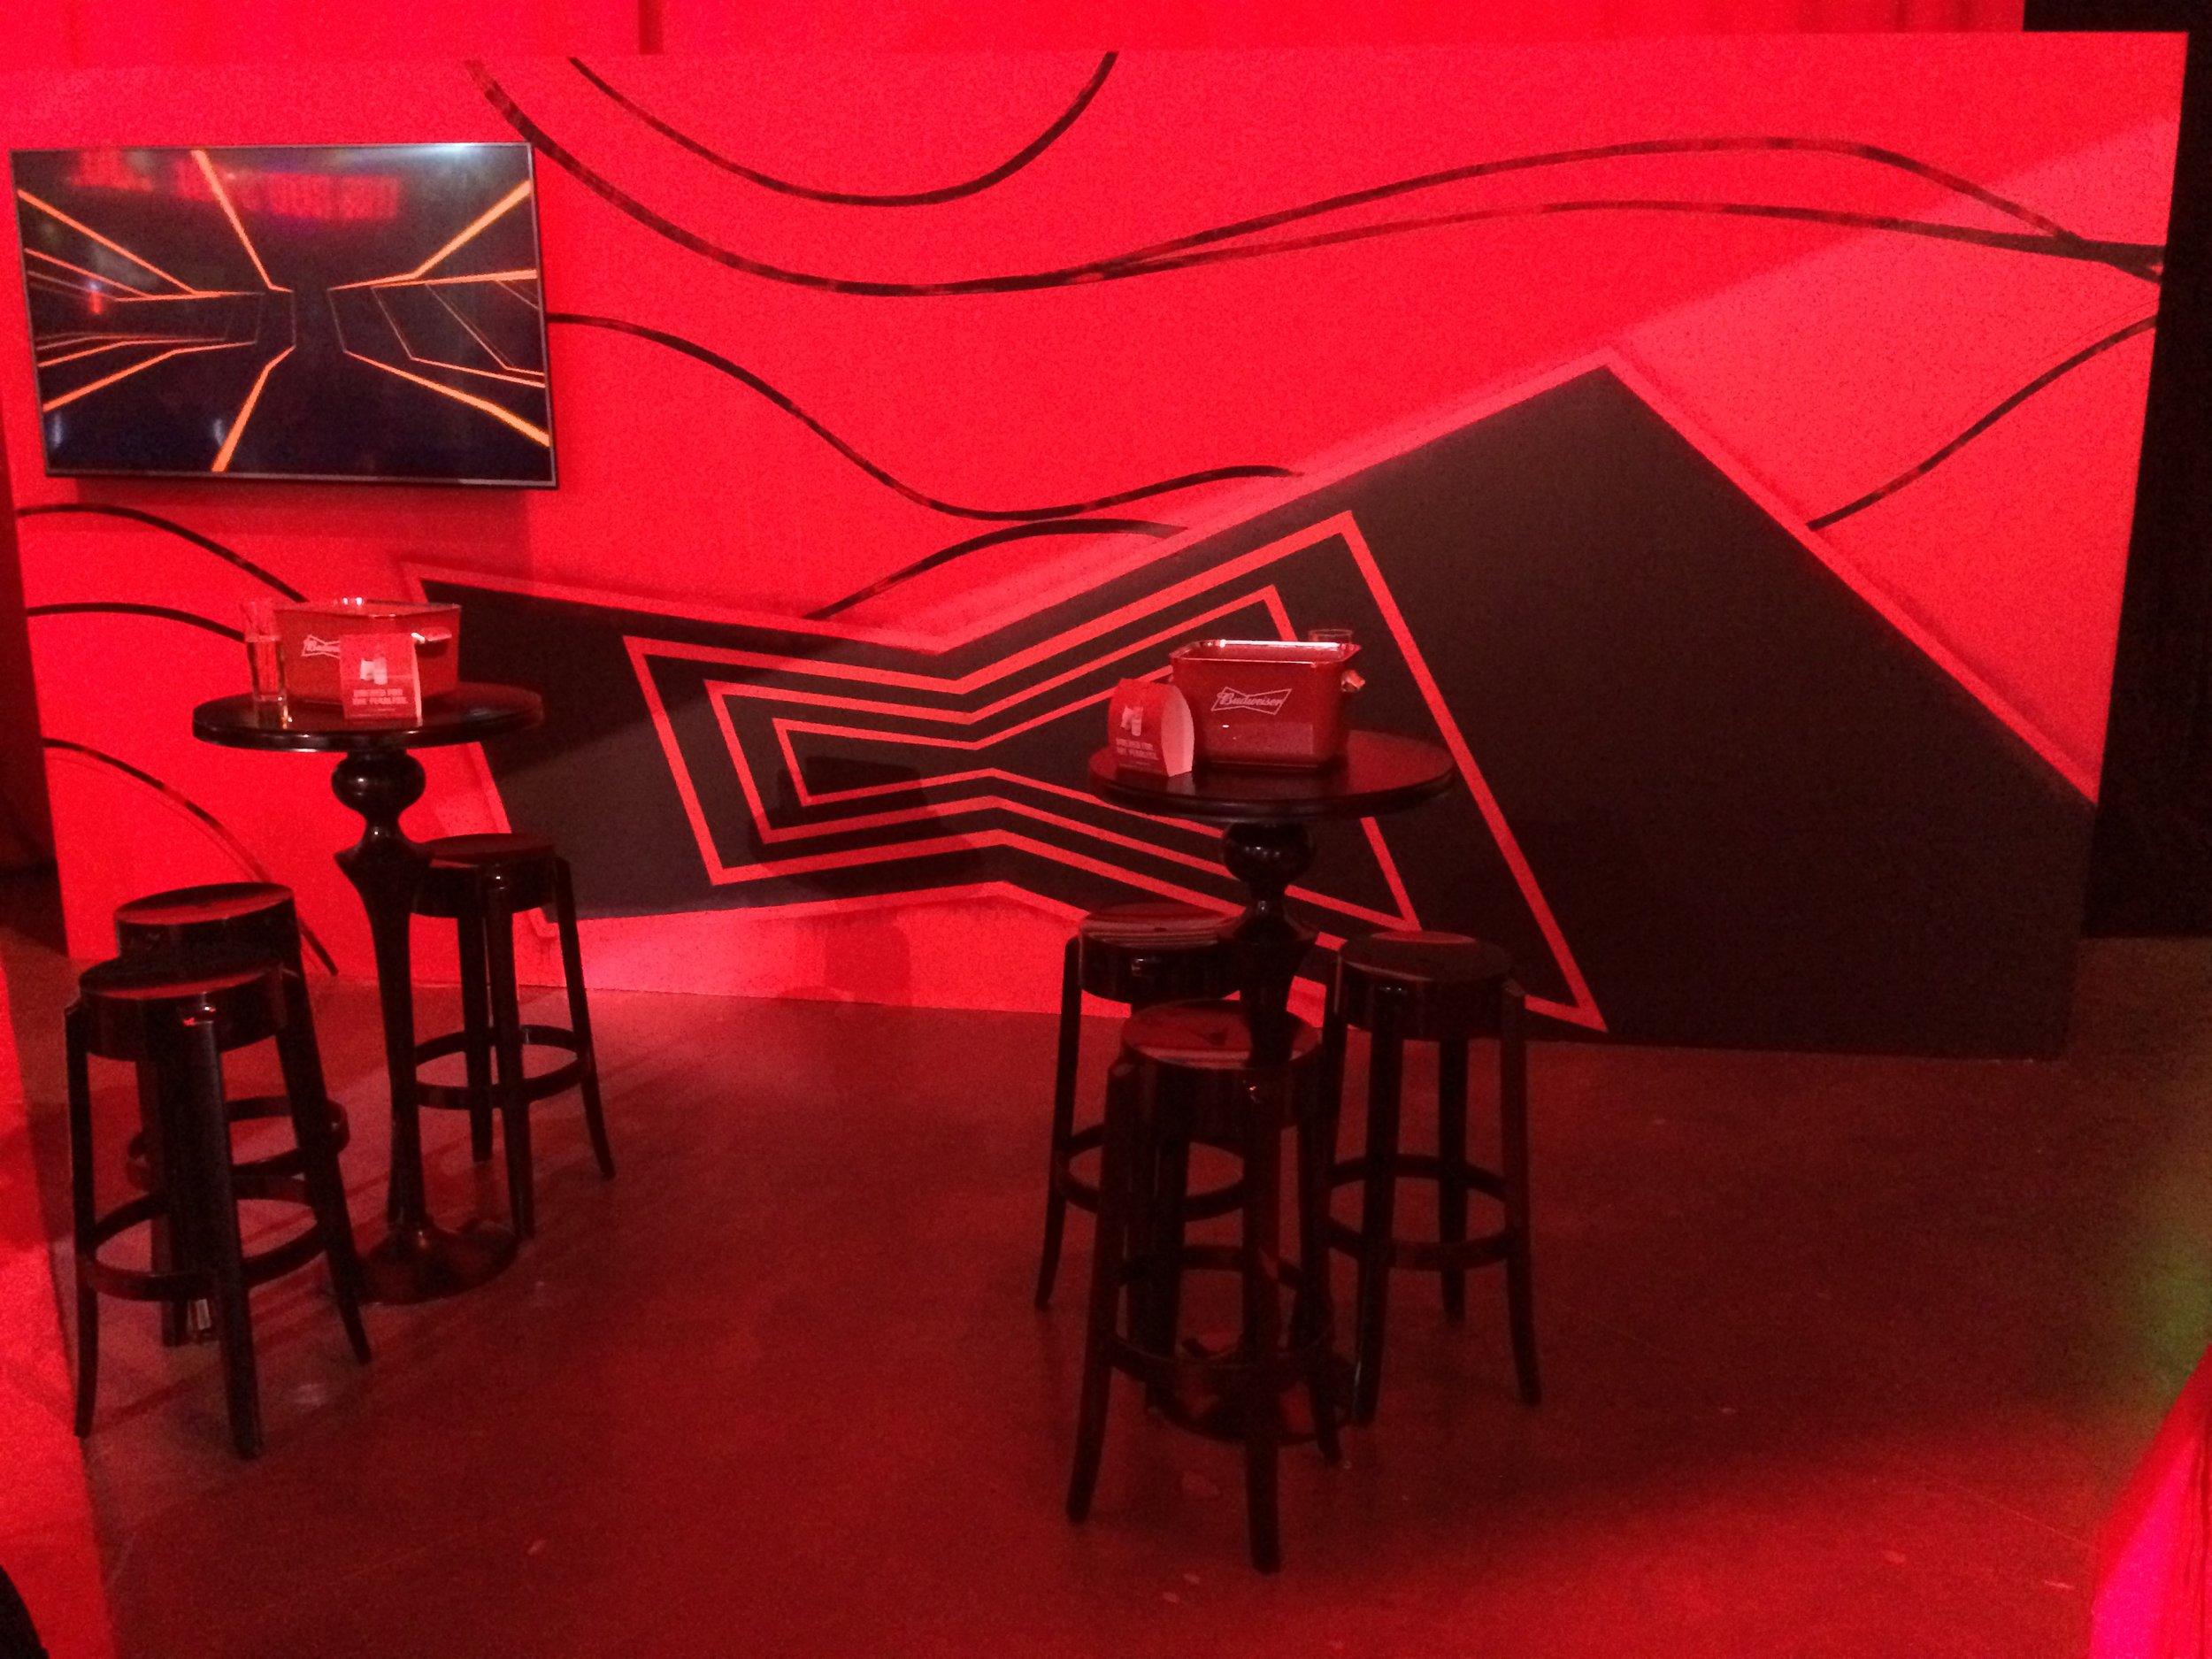 Budweiser Mural for Anheuser-Busch Event